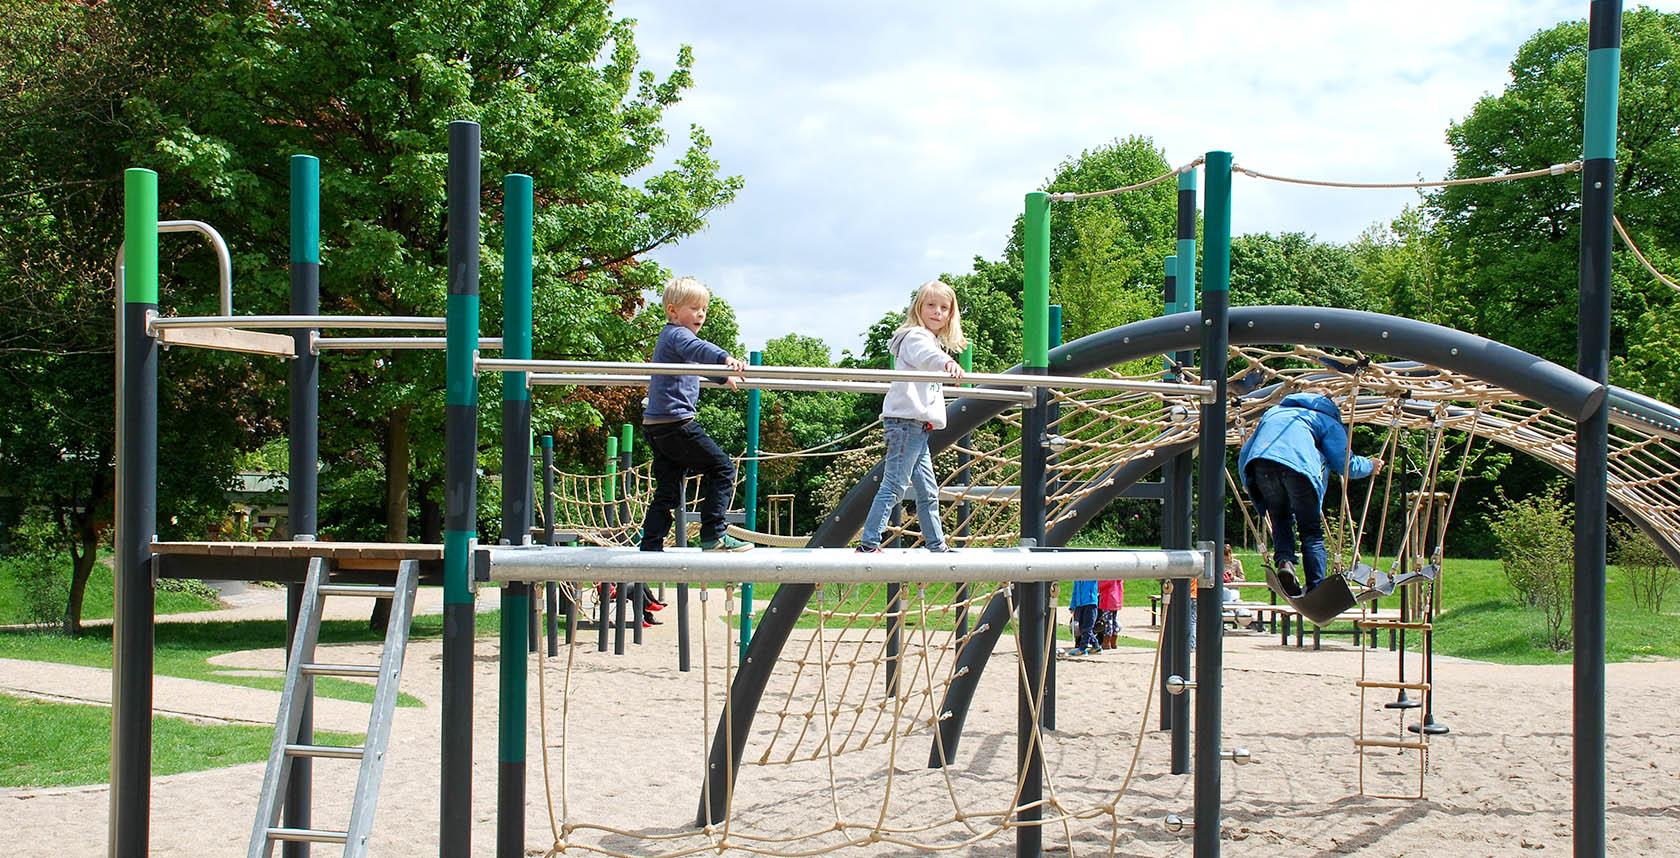 Klettergerüst Spielplatz : Spielplatz in der stadt leinwandbilder u bilder schieber